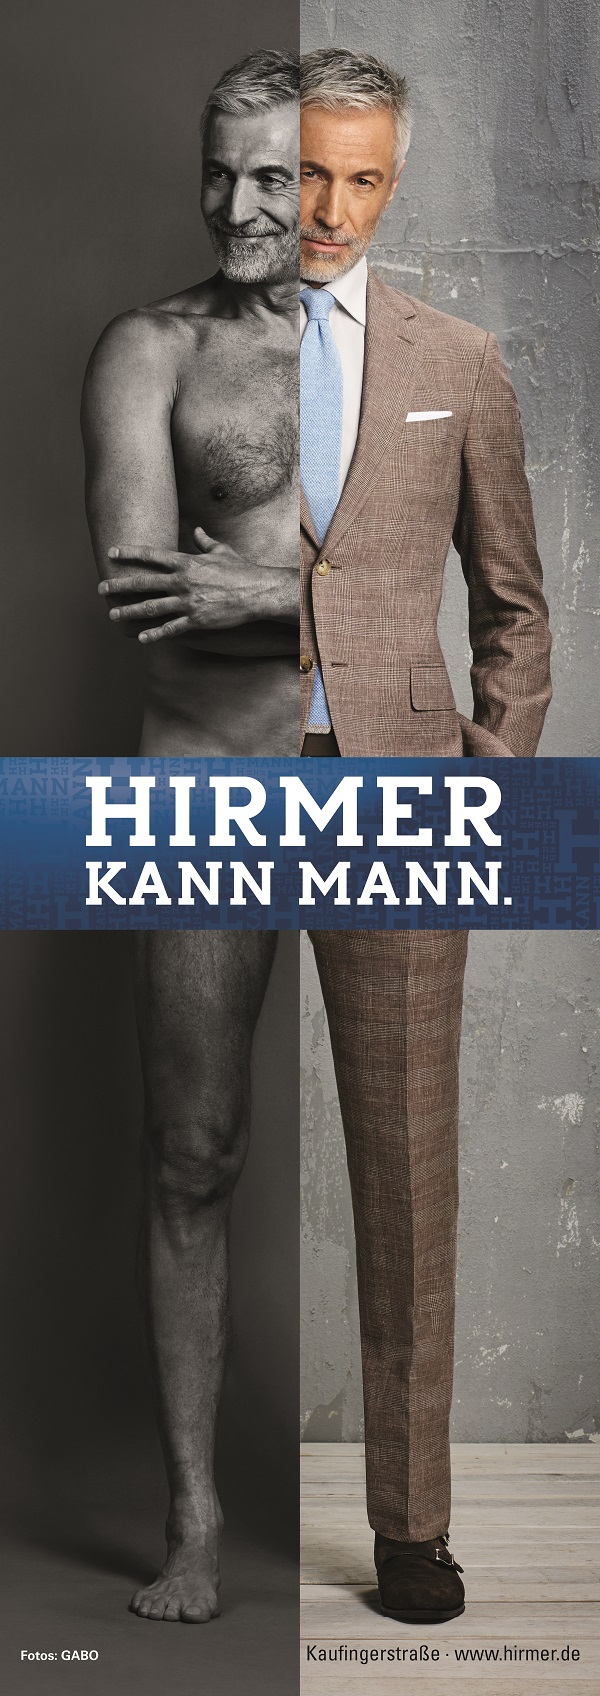 hirmer-herrenmode-1